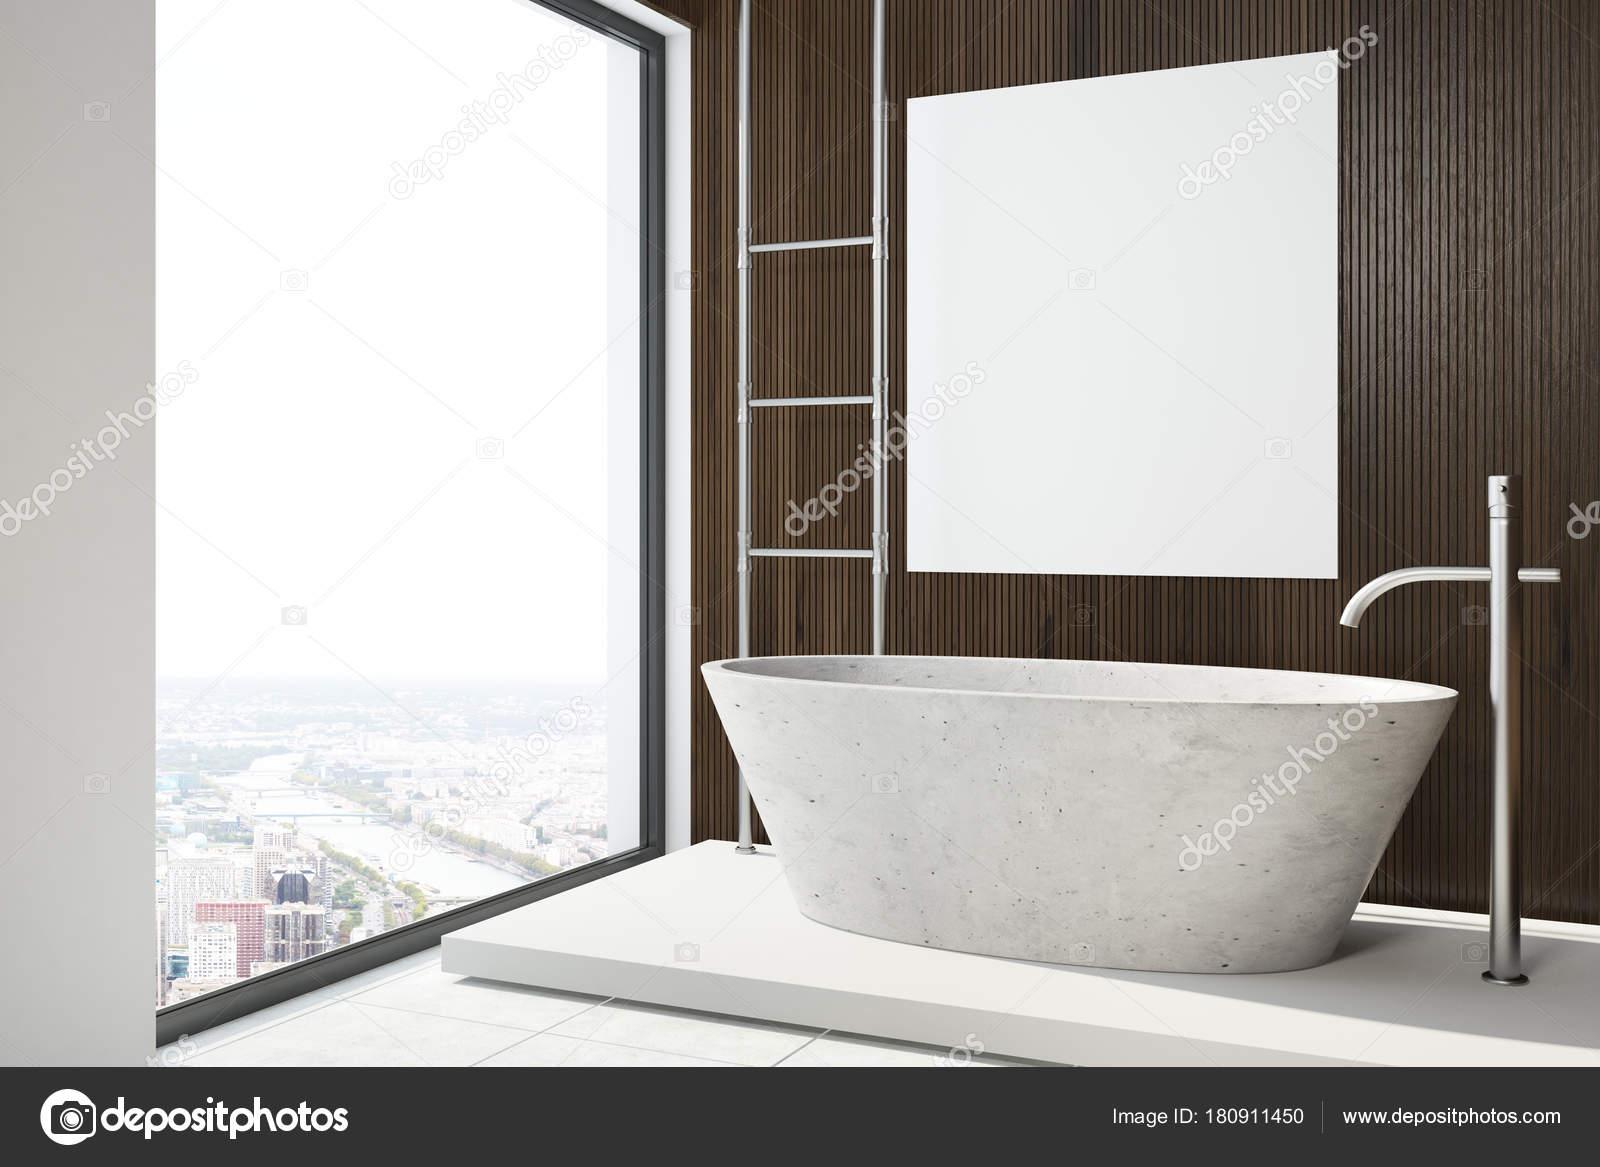 Poster idromassaggio e bagno di servizio in legno scuro u foto